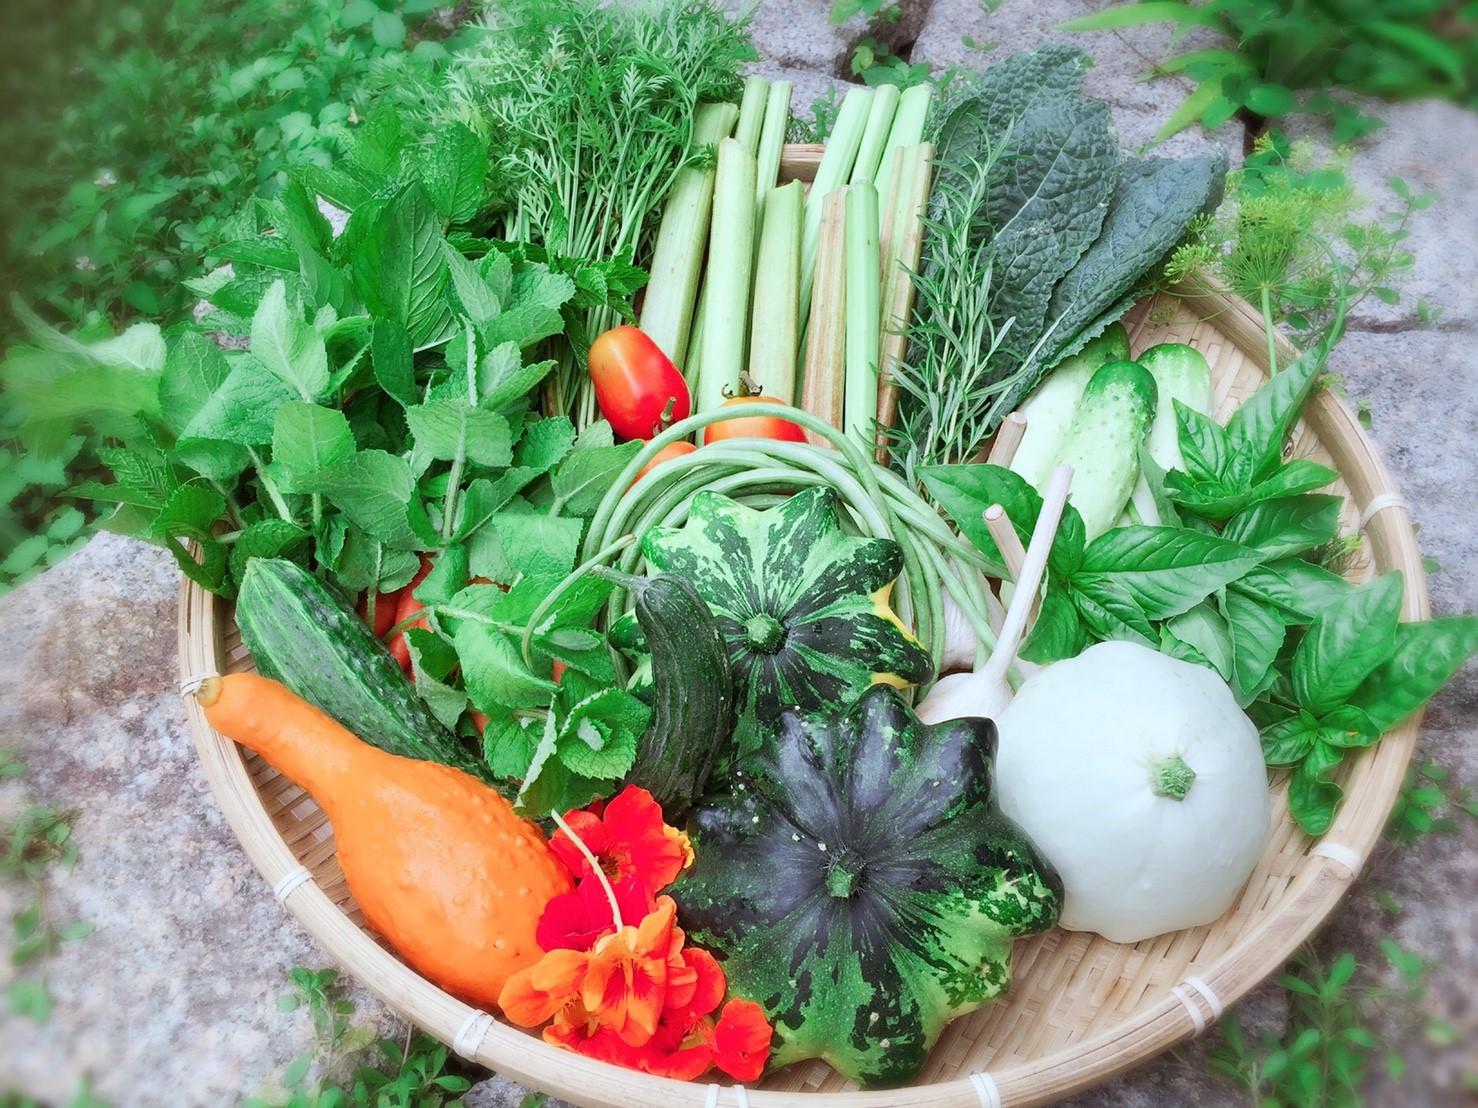 ポマイカイ野菜_9557.jpg